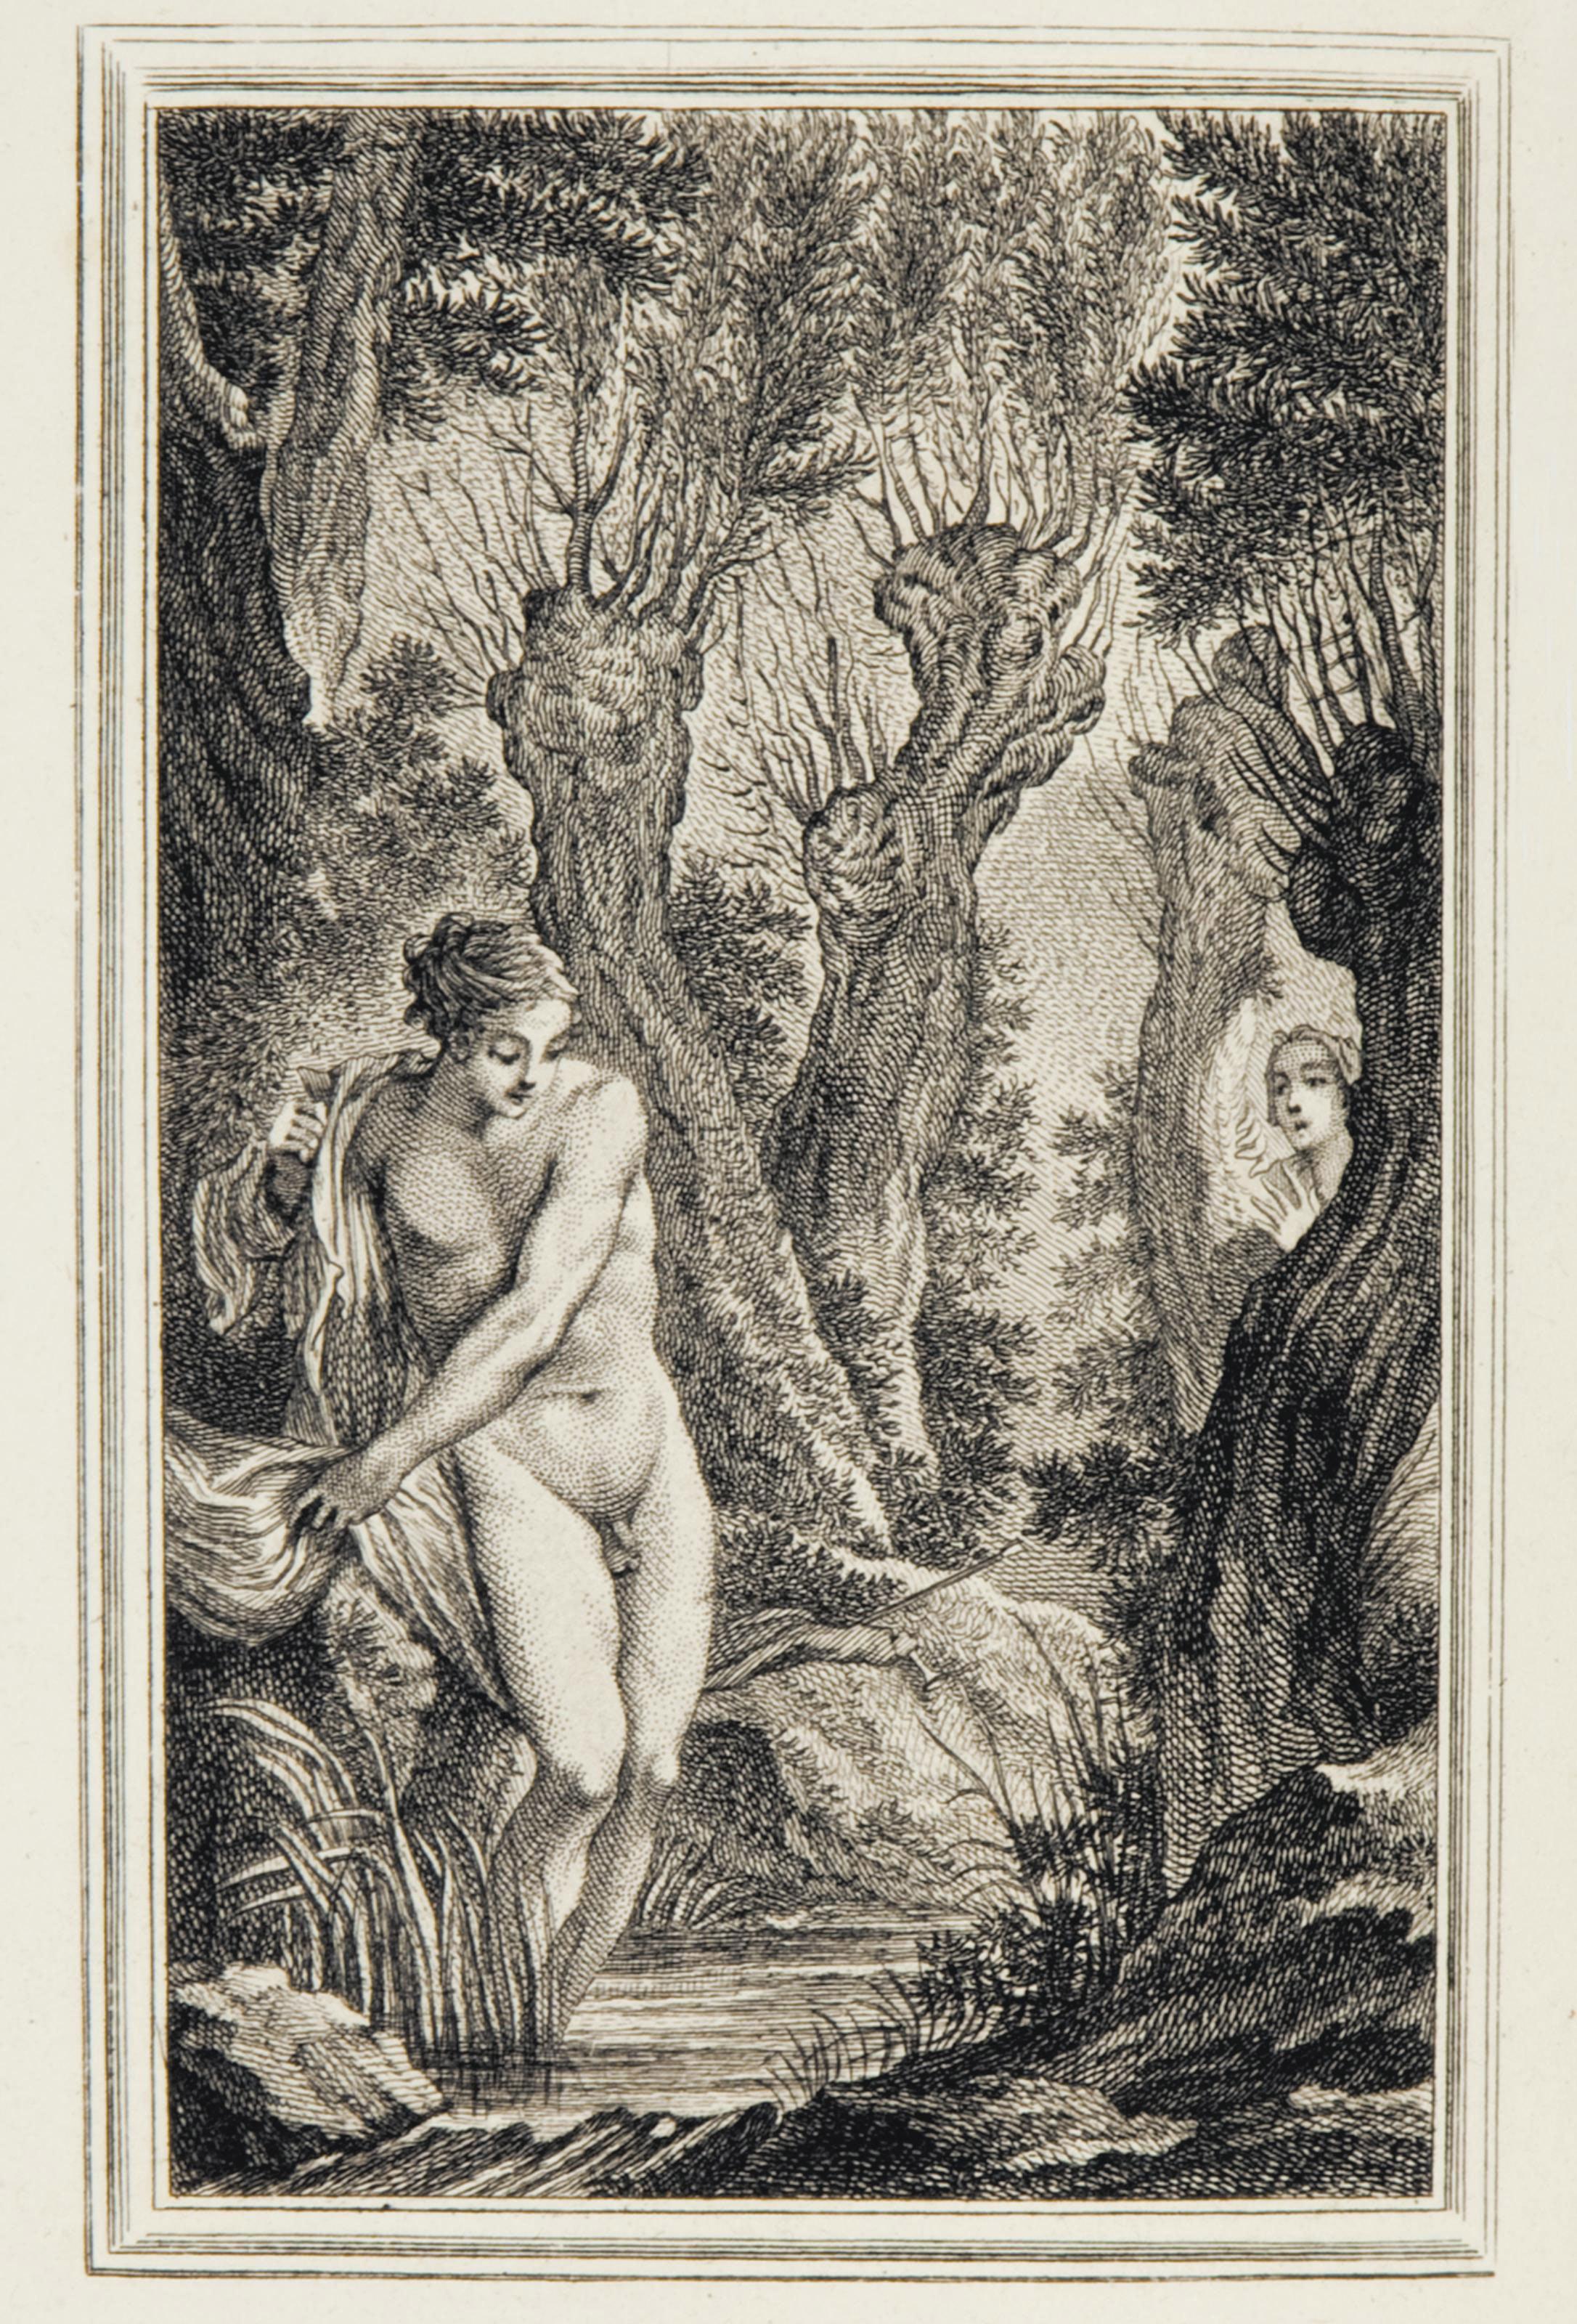 LA FONTAINE, Jean de (1621-1695). Contes et nouvelles en vers. Amsterdam: [Paris: David jeune], 1762.